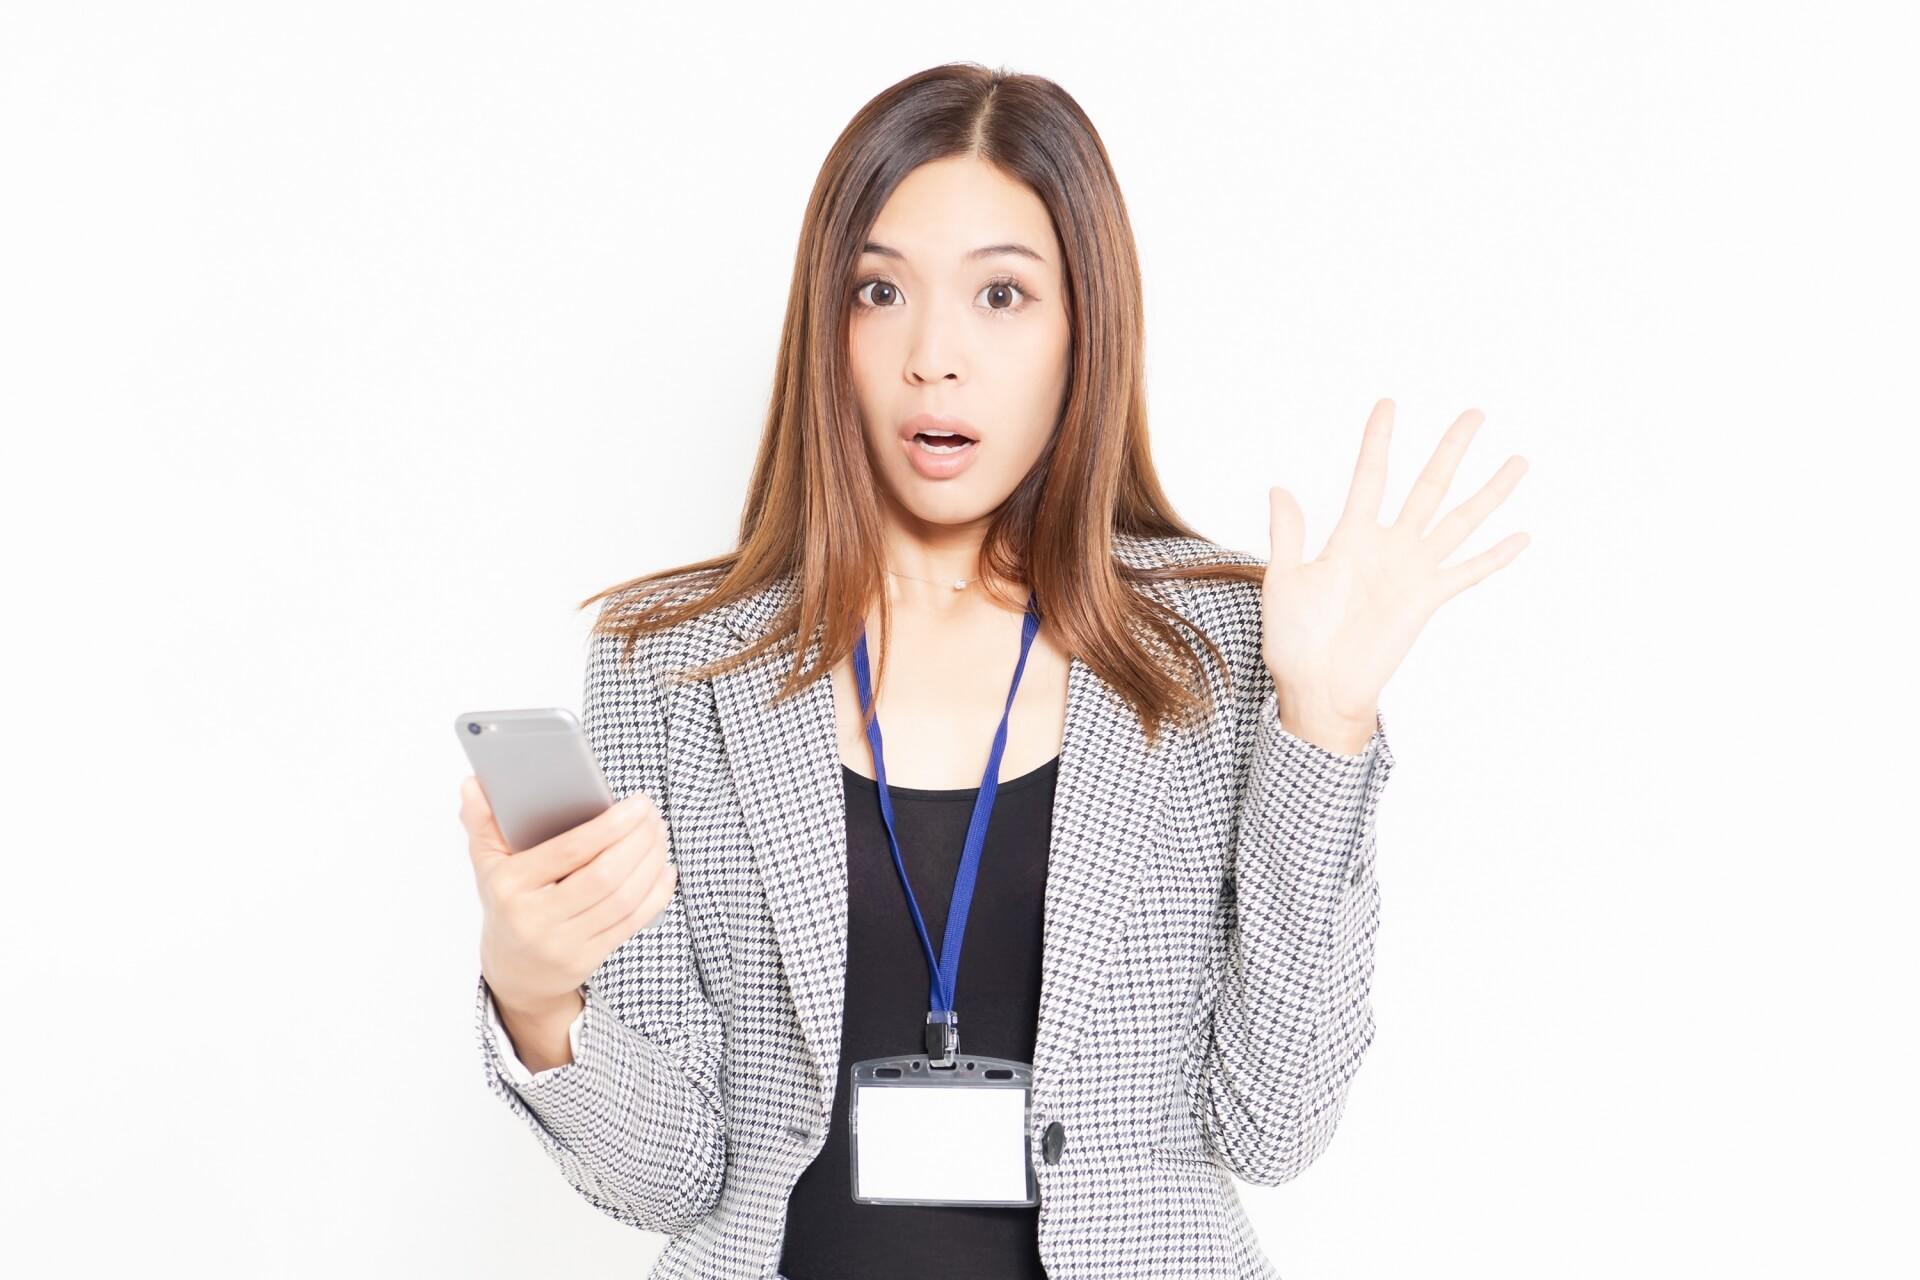 iPhone Xの買取価格と意外に知らない5つの注意点とは?